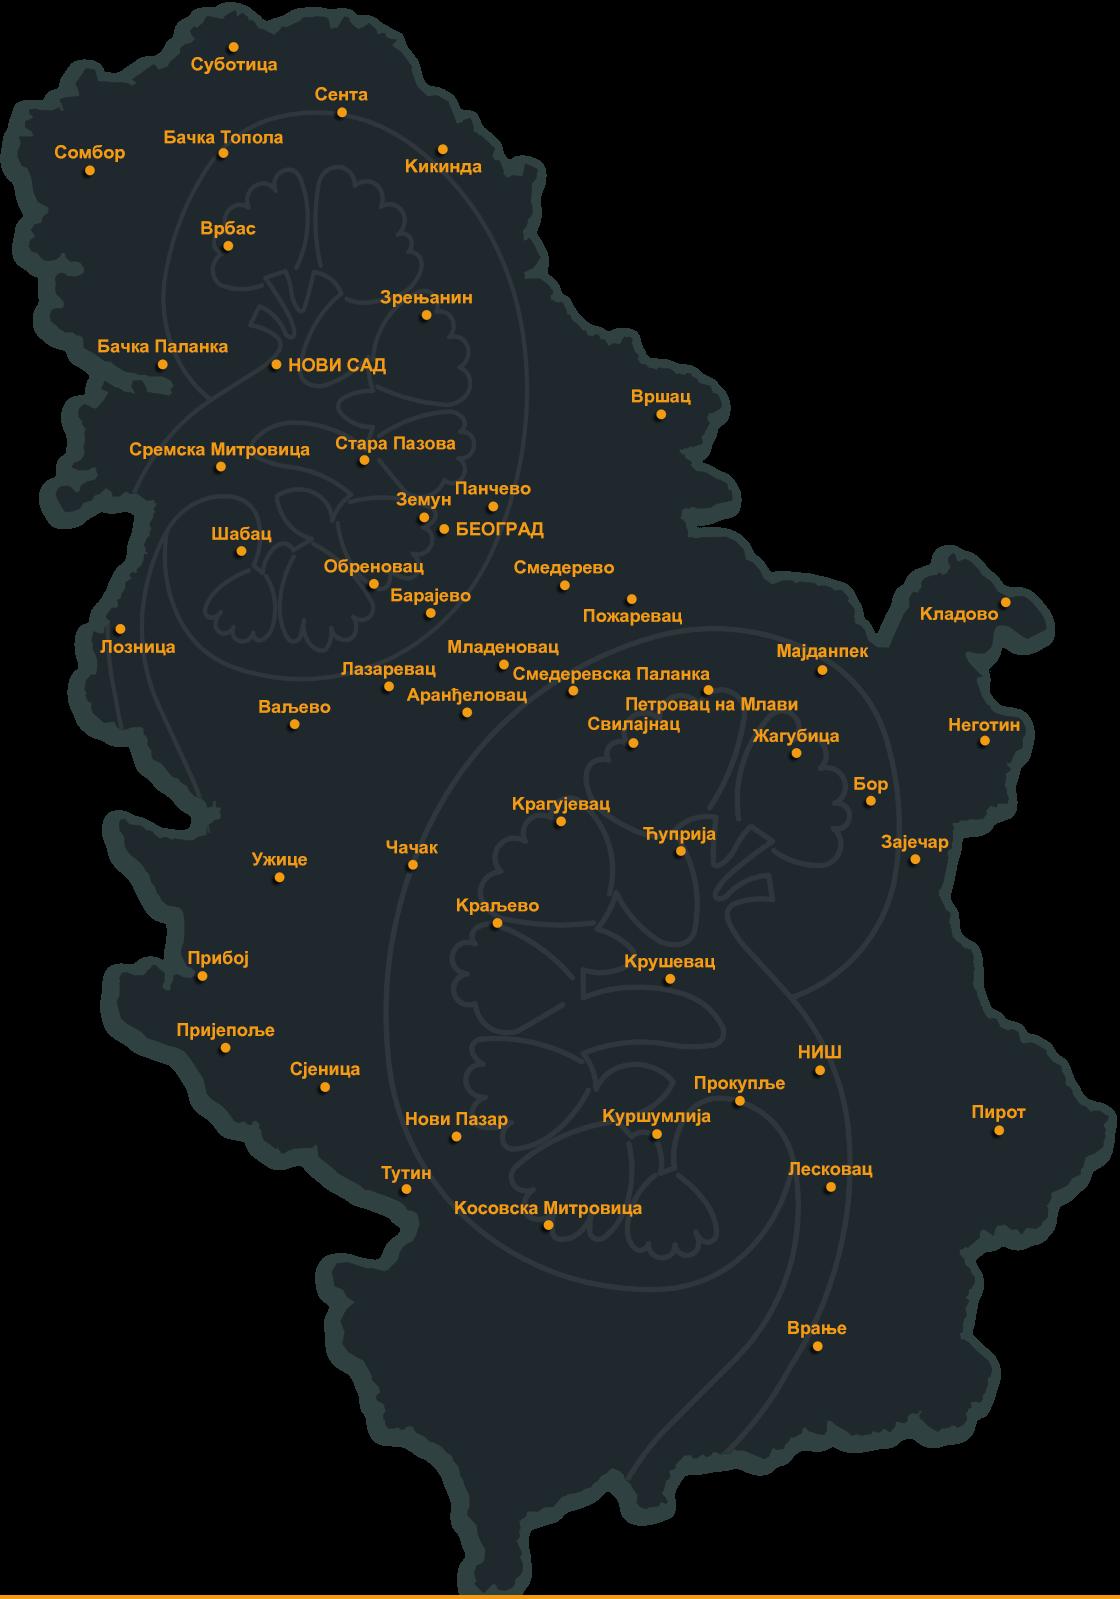 Karta-Srbije-WEB-1120